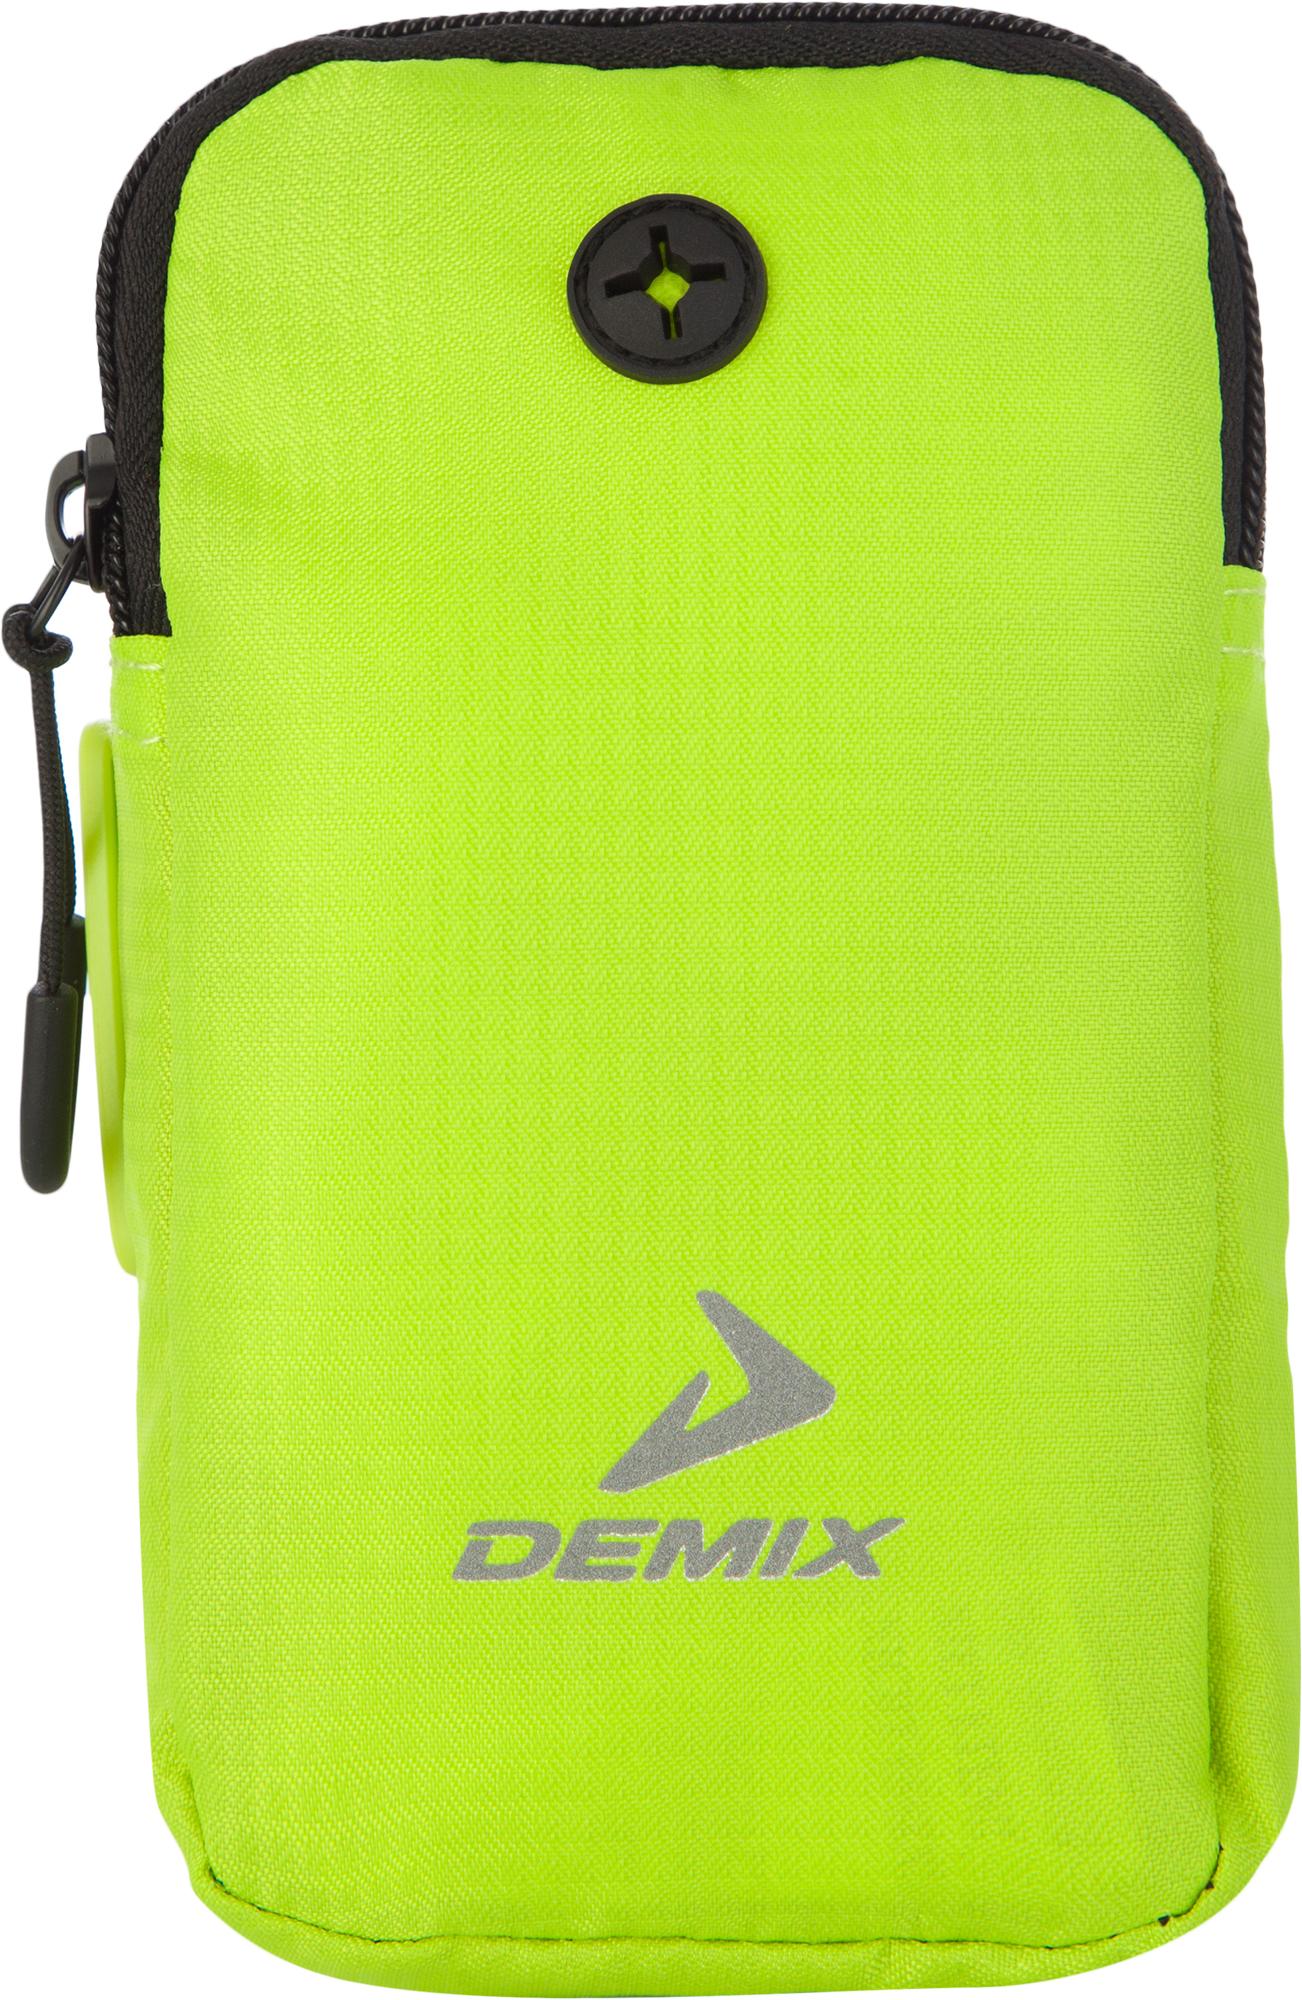 Фото - Demix Чехол на руку для смартфона Demix demix коврик для йоги demix